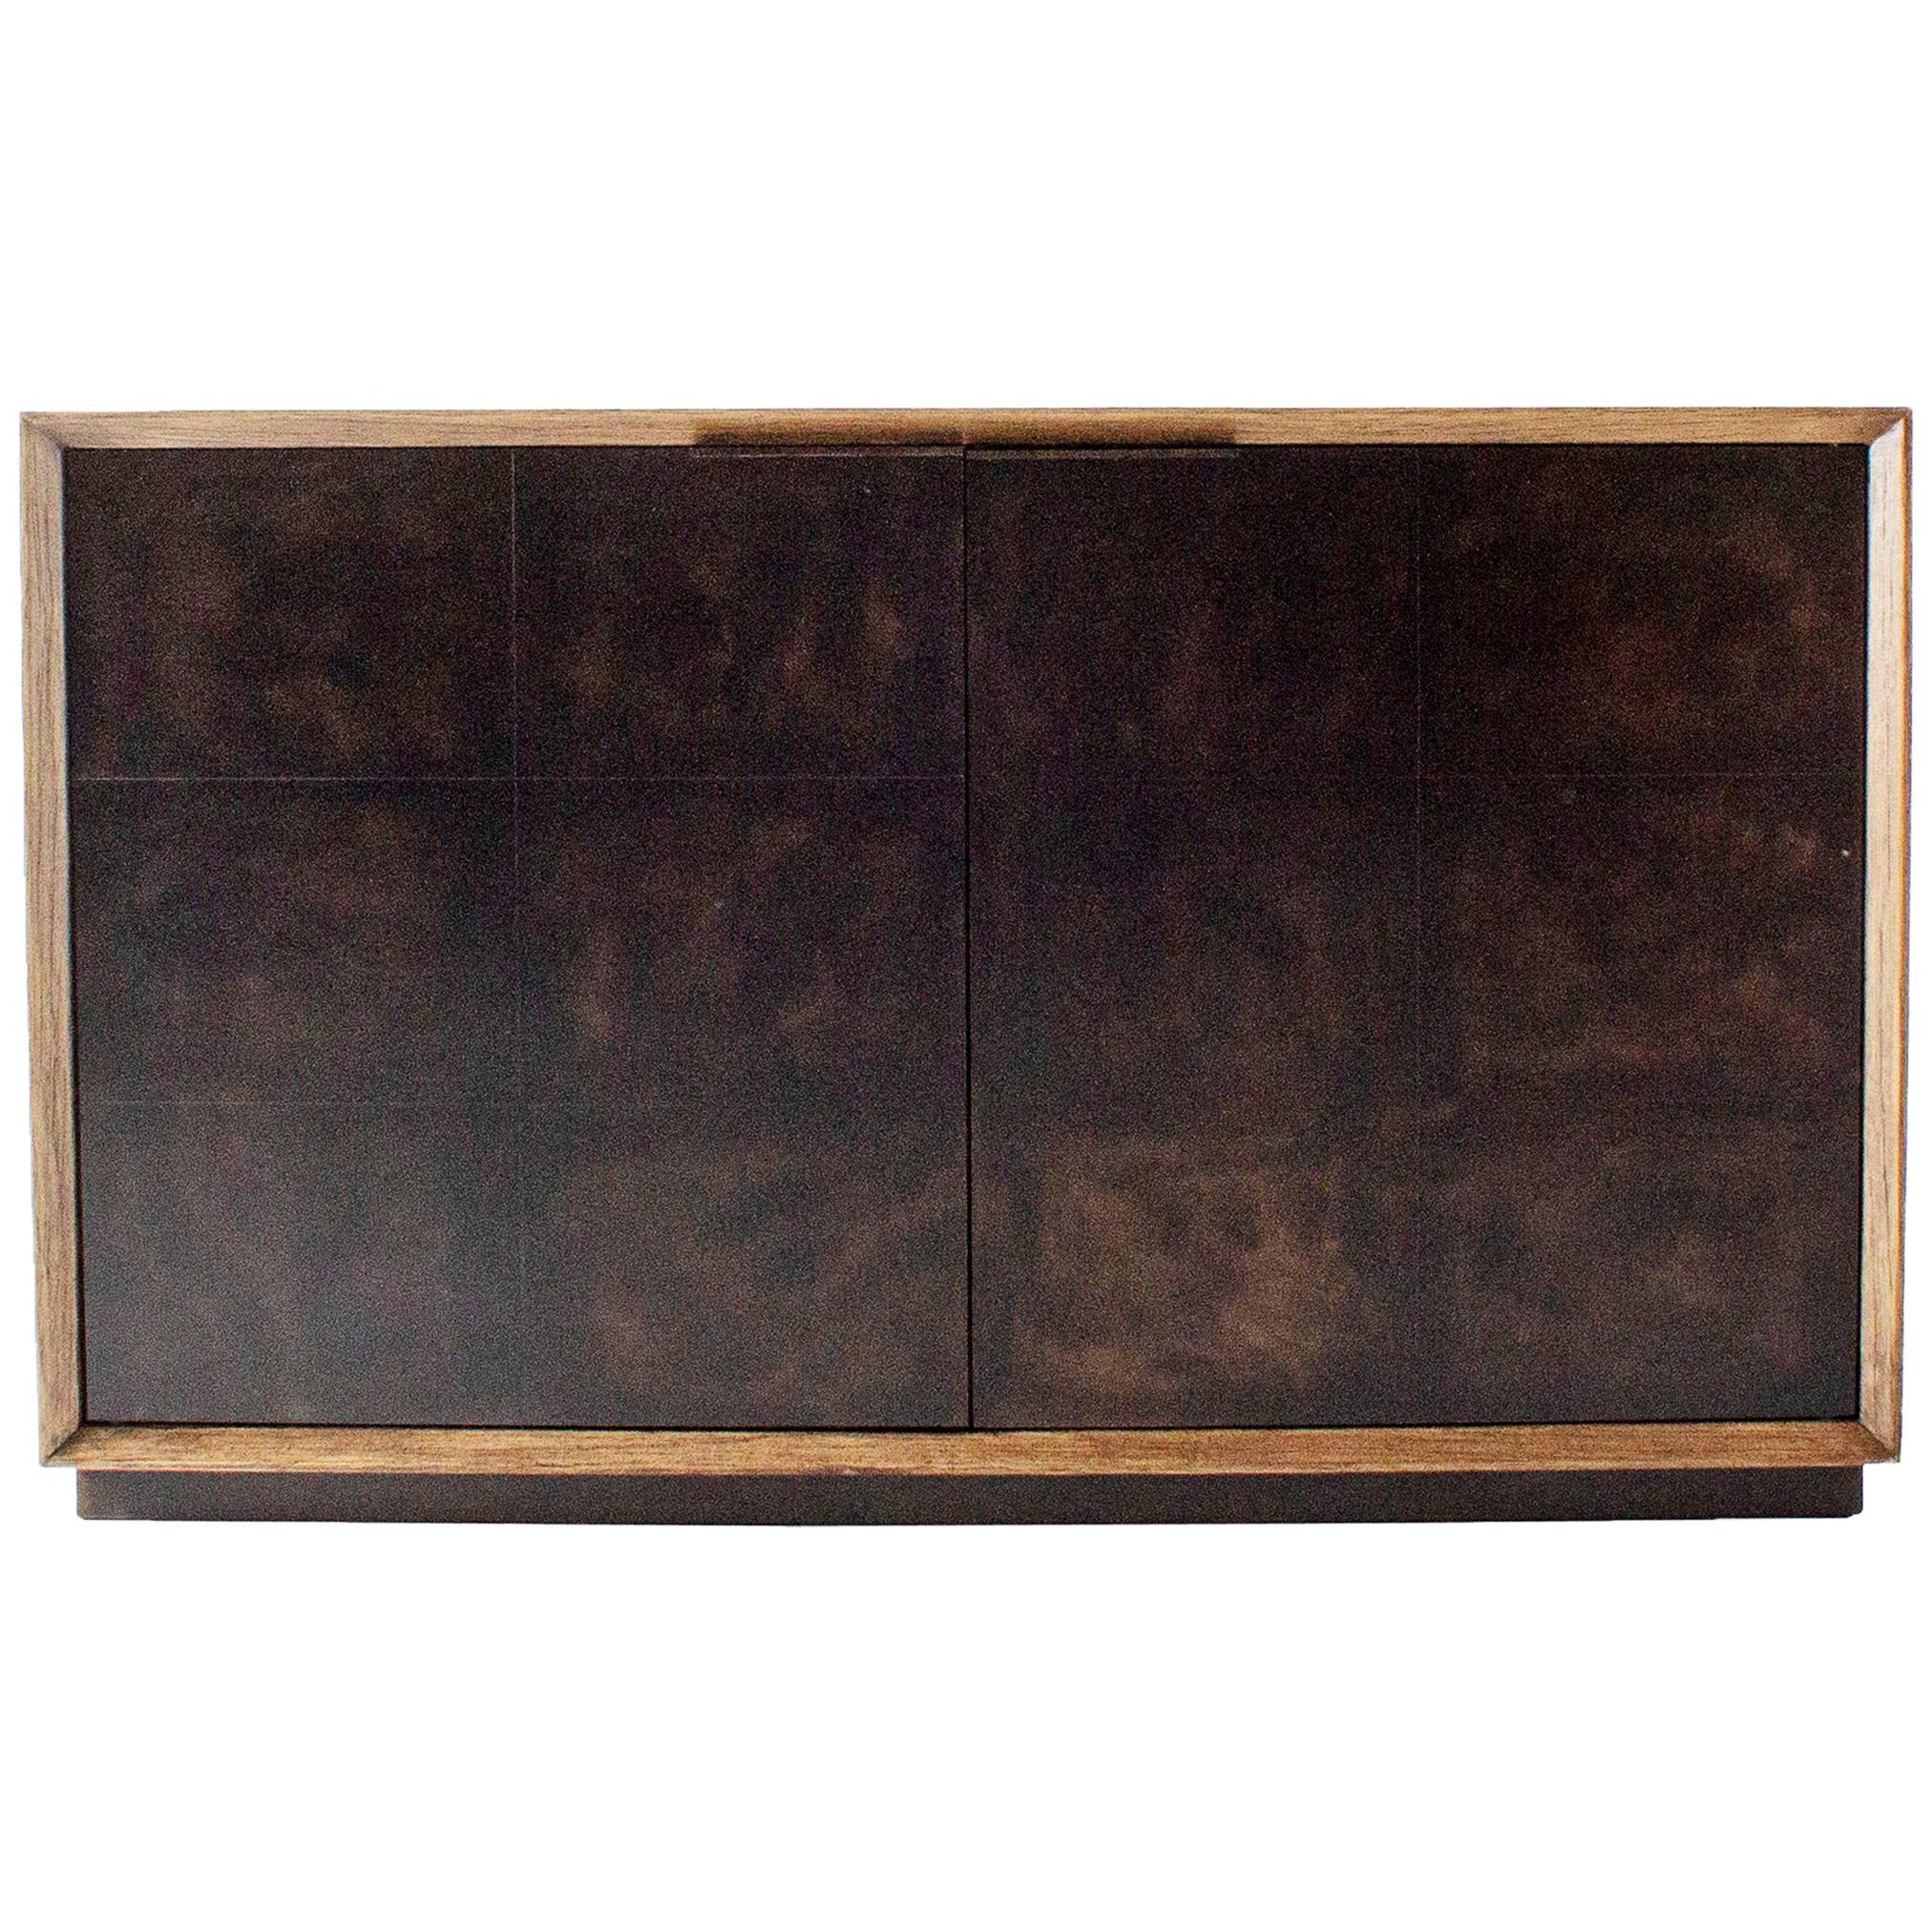 Modernist Inspired Two Door Cabinet